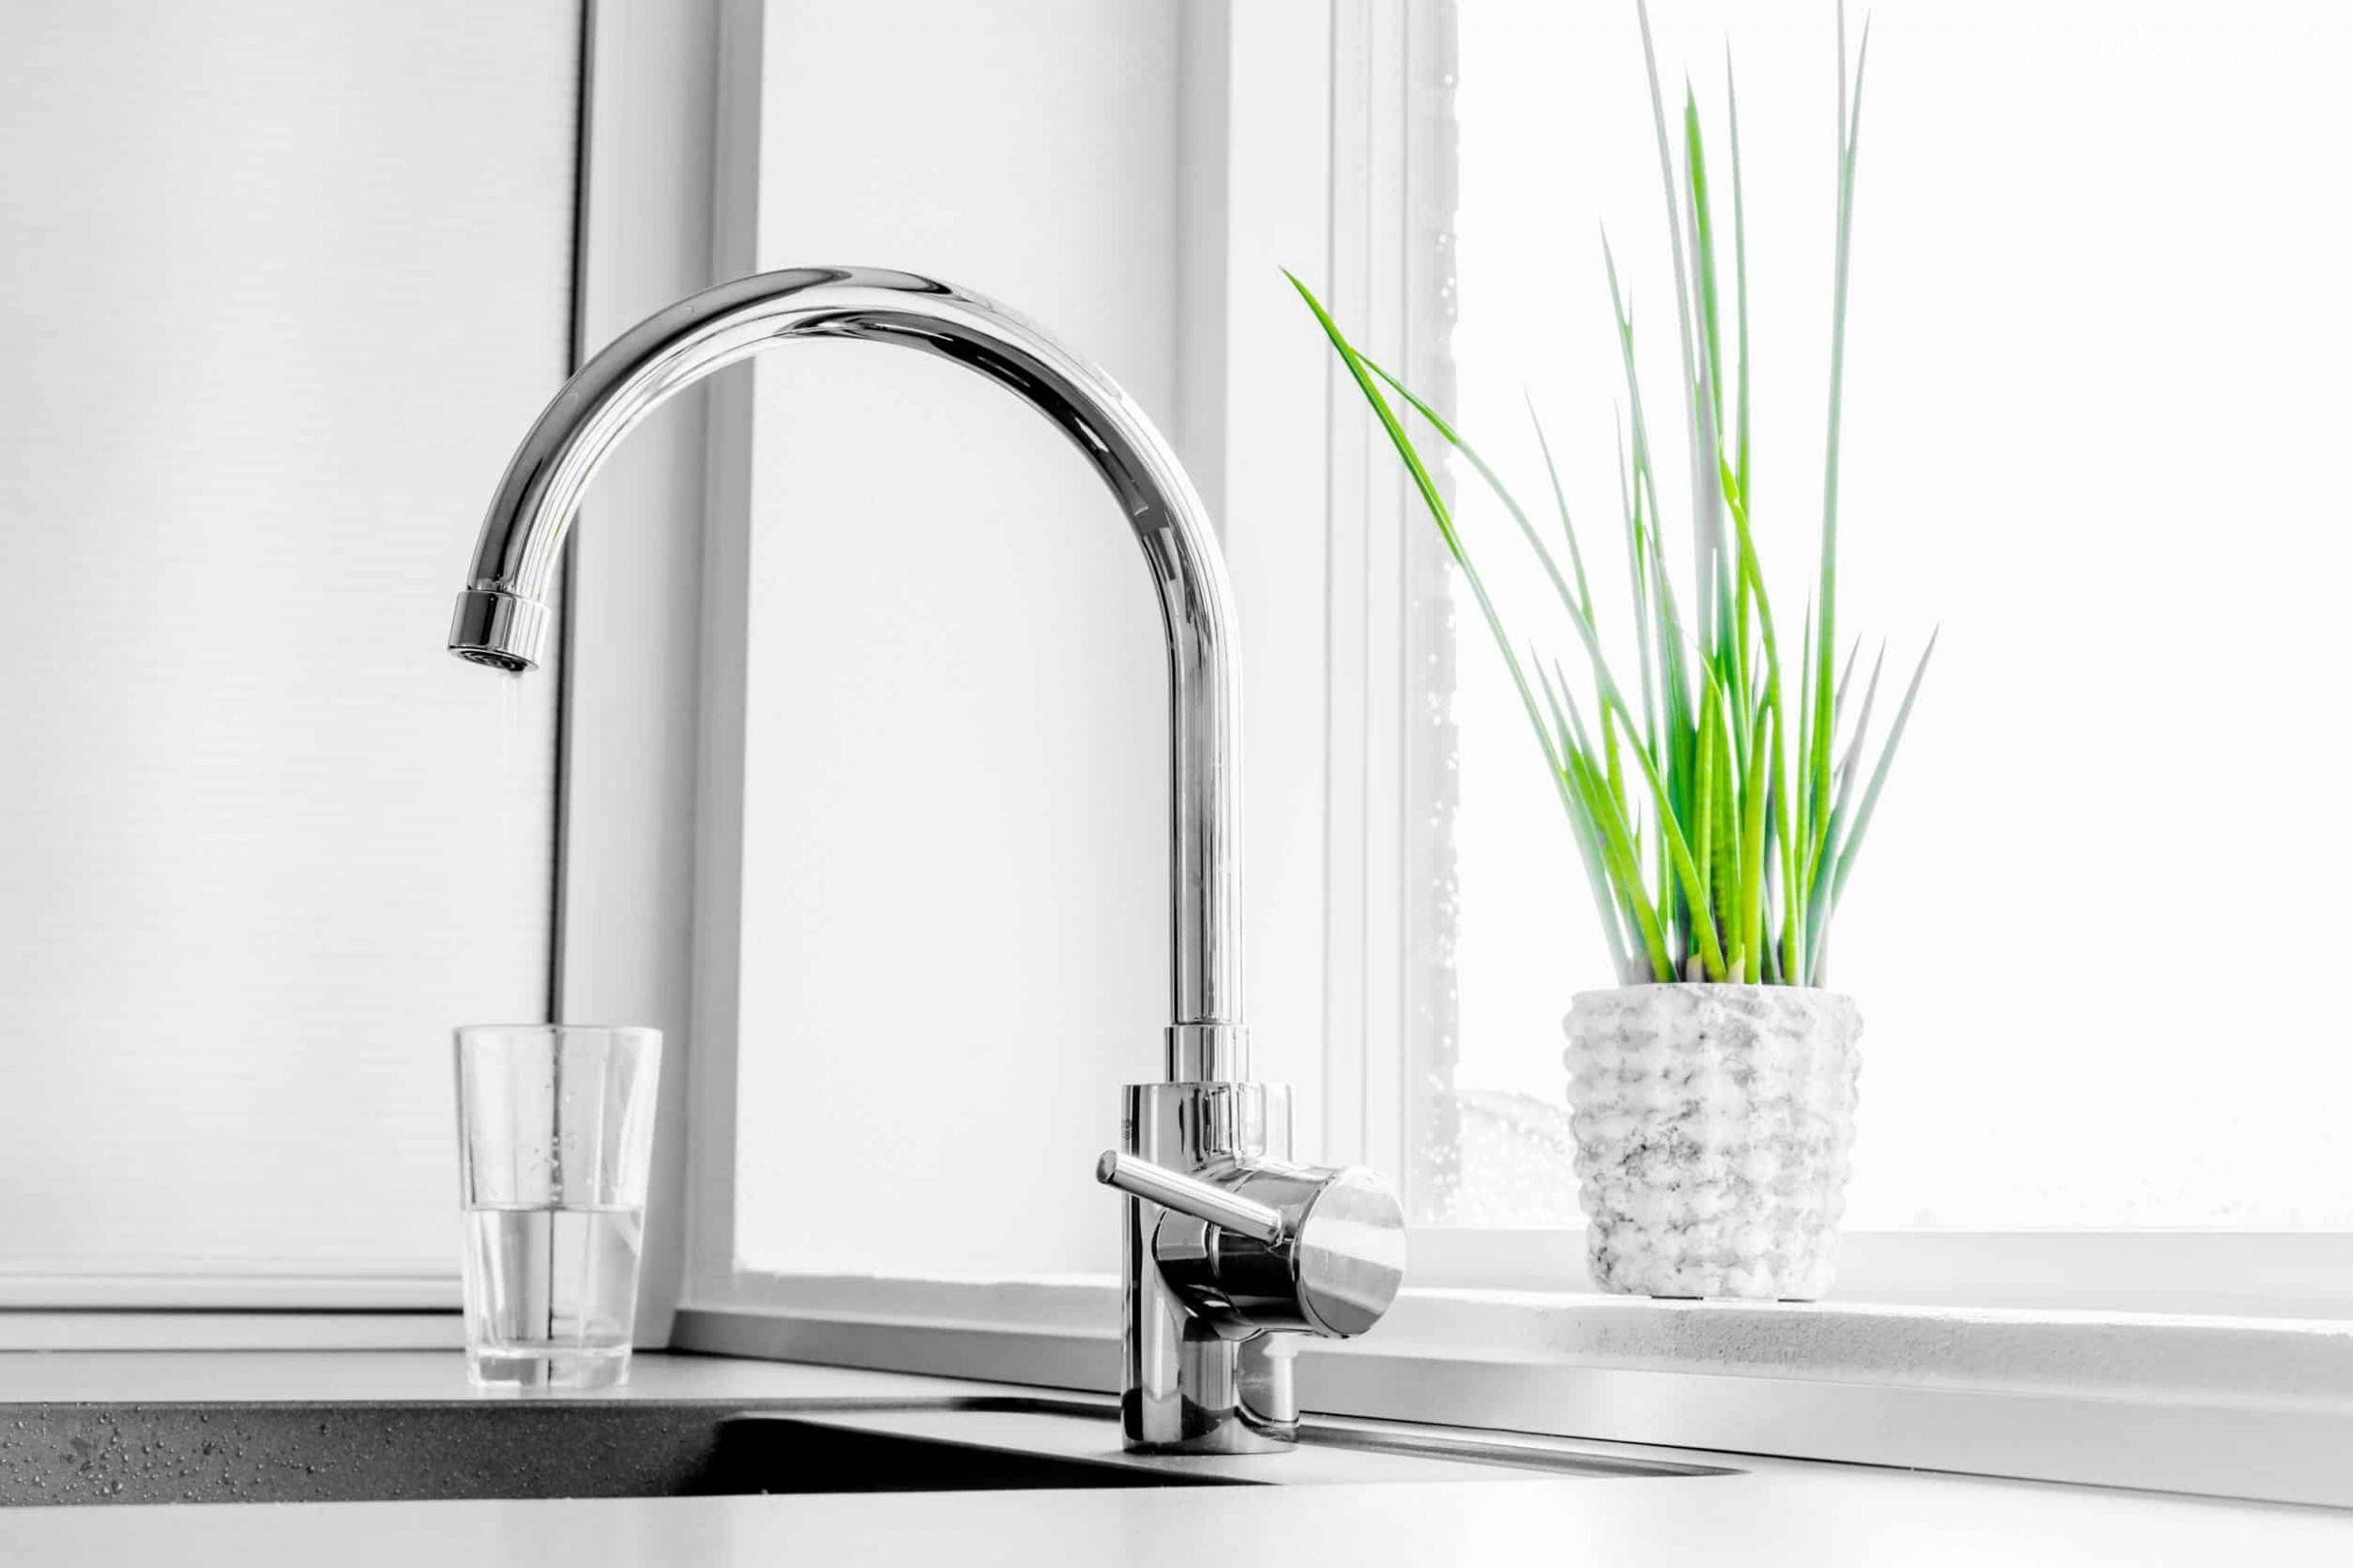 Zehn Grunde Warum Der Kuche Wasserhahn Test In Den Usa Ublich Ist Kuche Wasserhahn Test In 2020 Kitchen Faucet Single Handle Kitchen Faucet Kohler Faucet